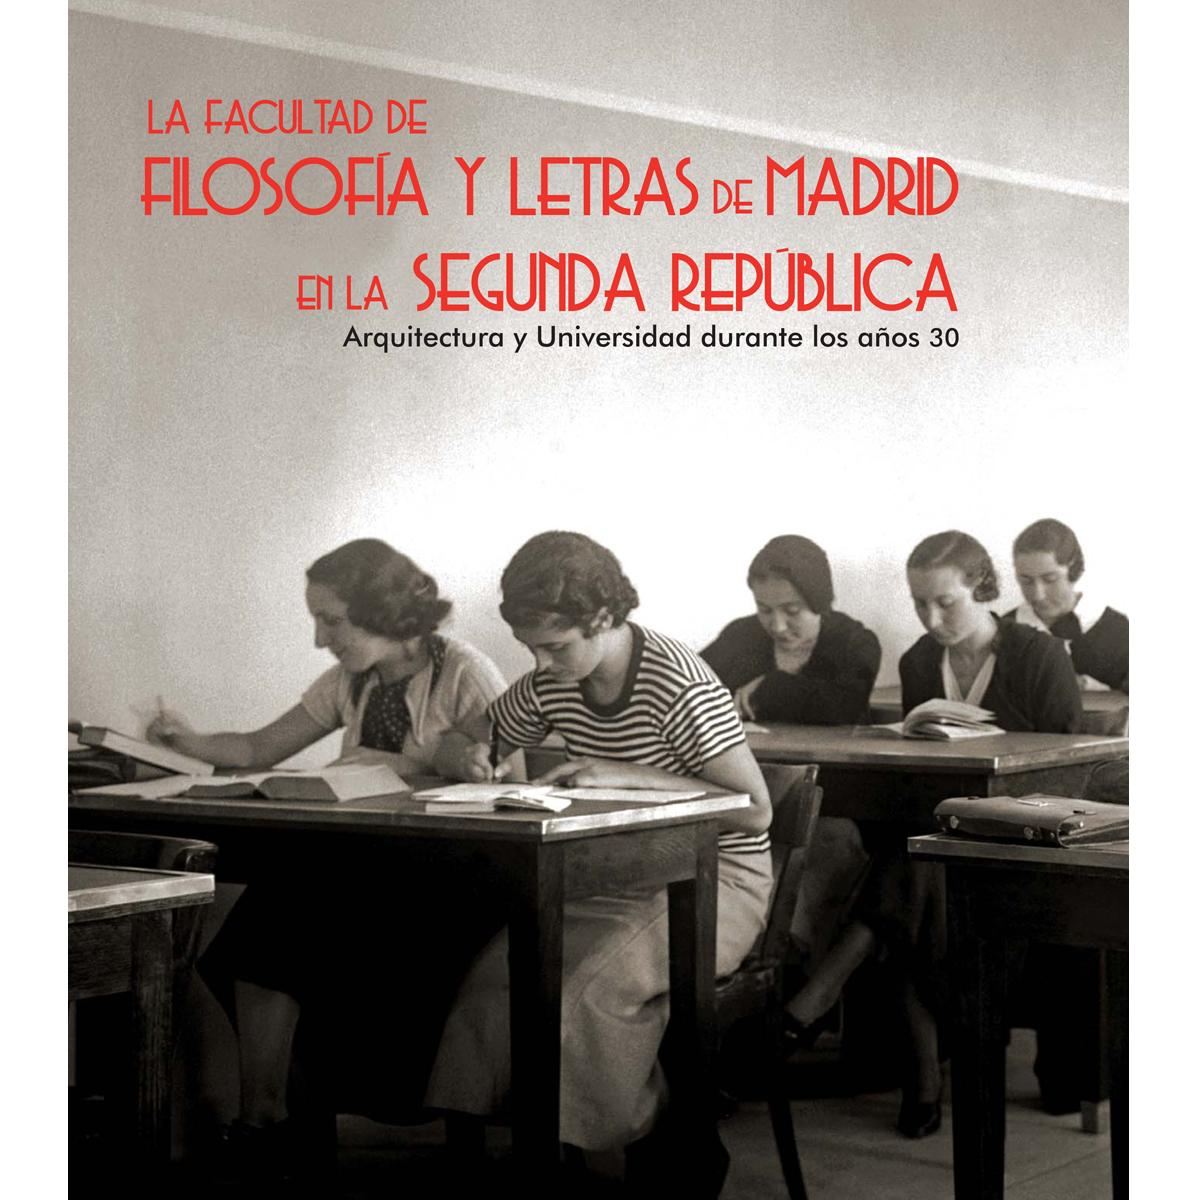 La facultad de Filosofía y Letras de Madrid en la Segunda República